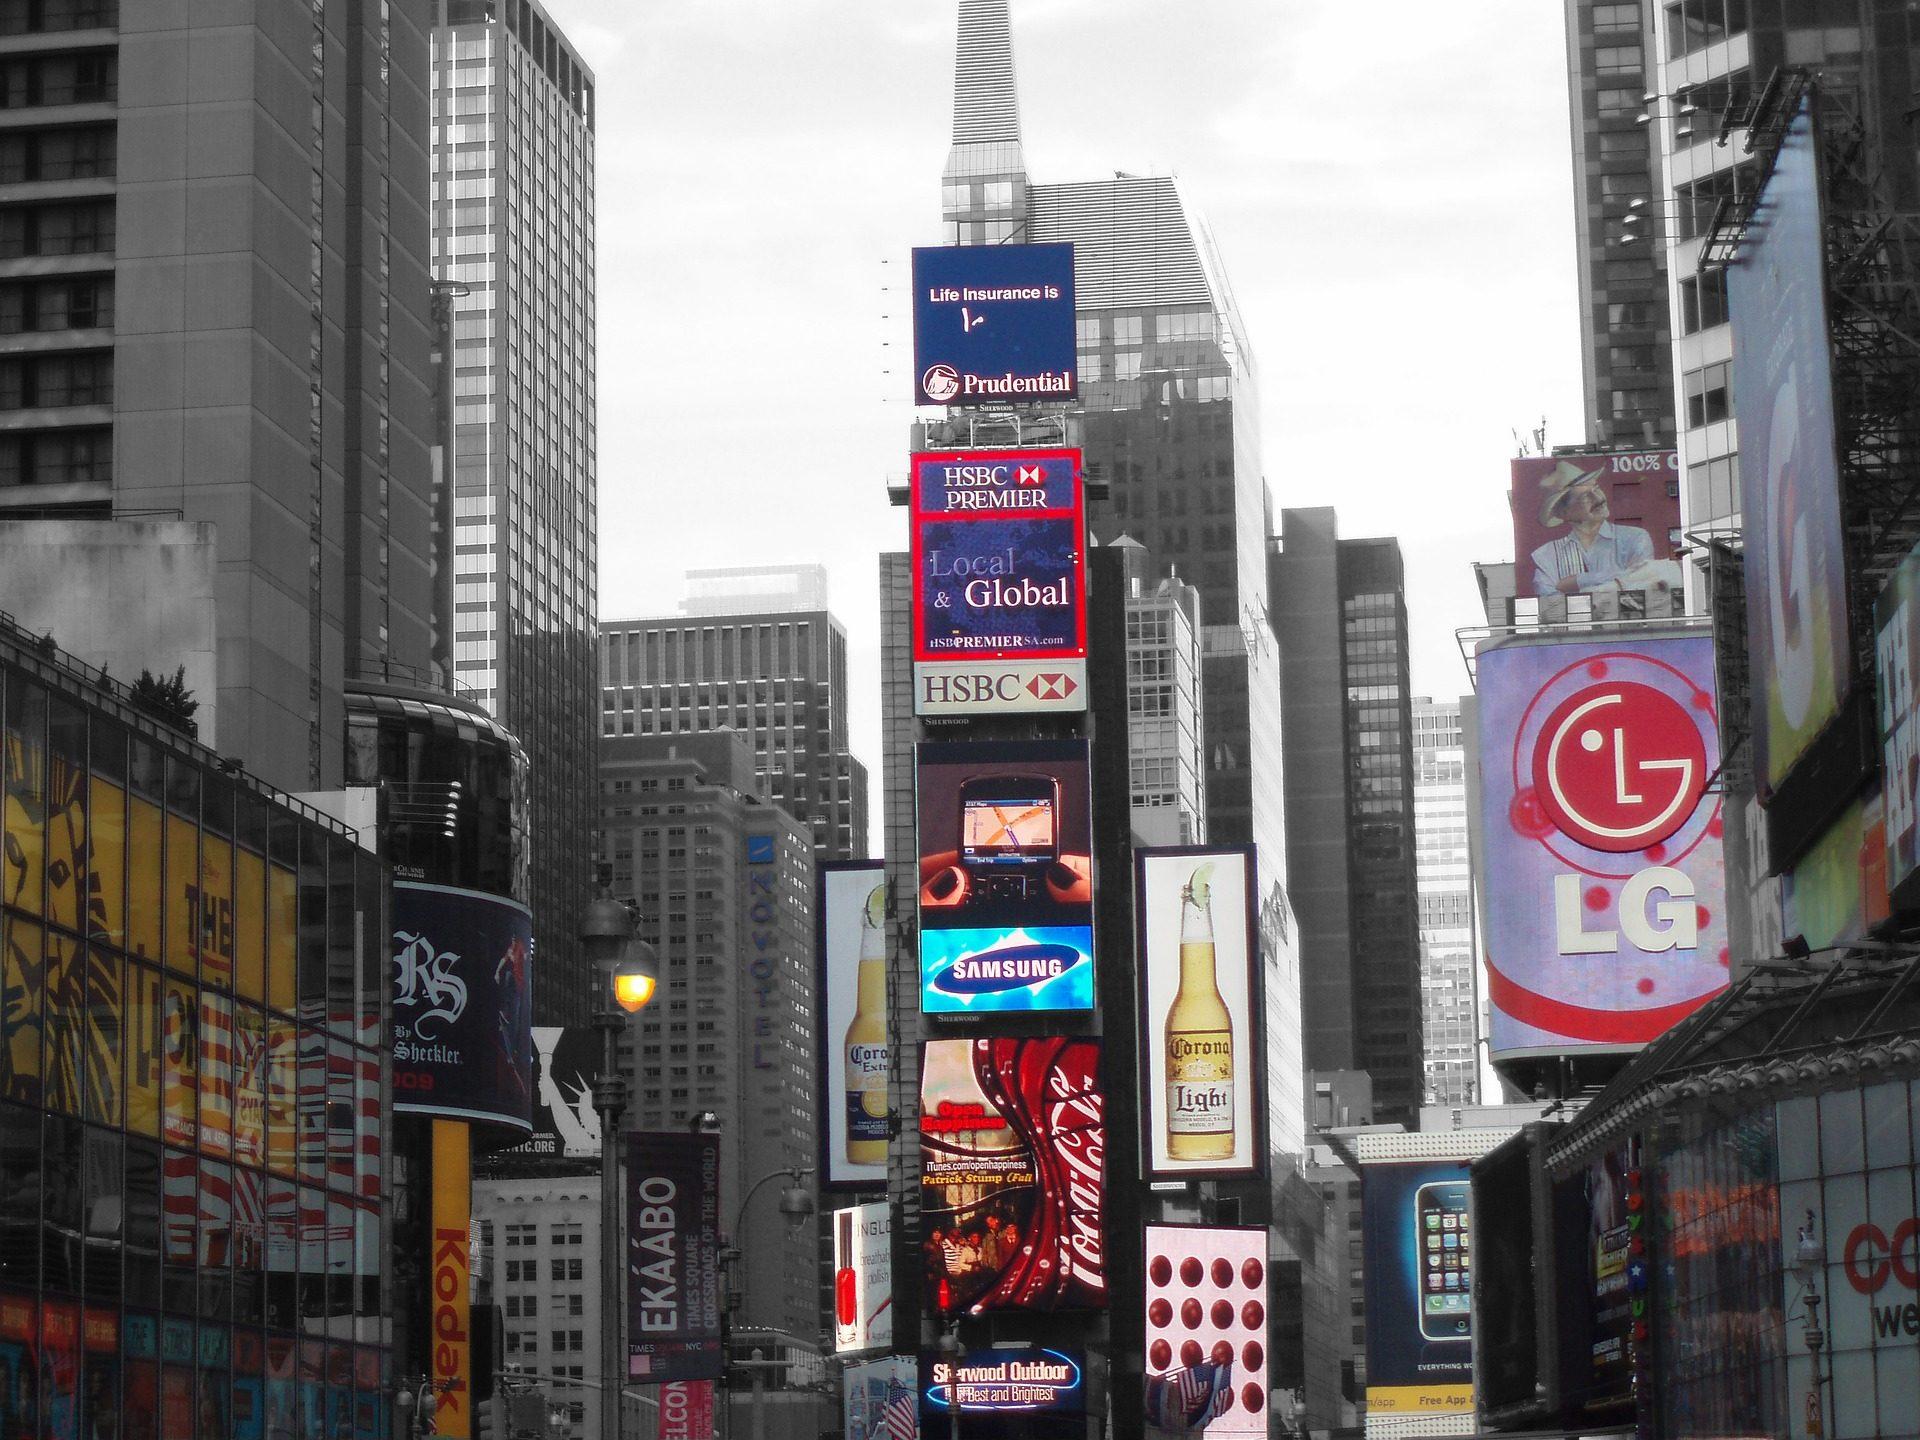 κτίρια, ουρανοξύστης, διαφημίσεις, διαφήμιση, Πόλη - Wallpapers HD - Professor-falken.com